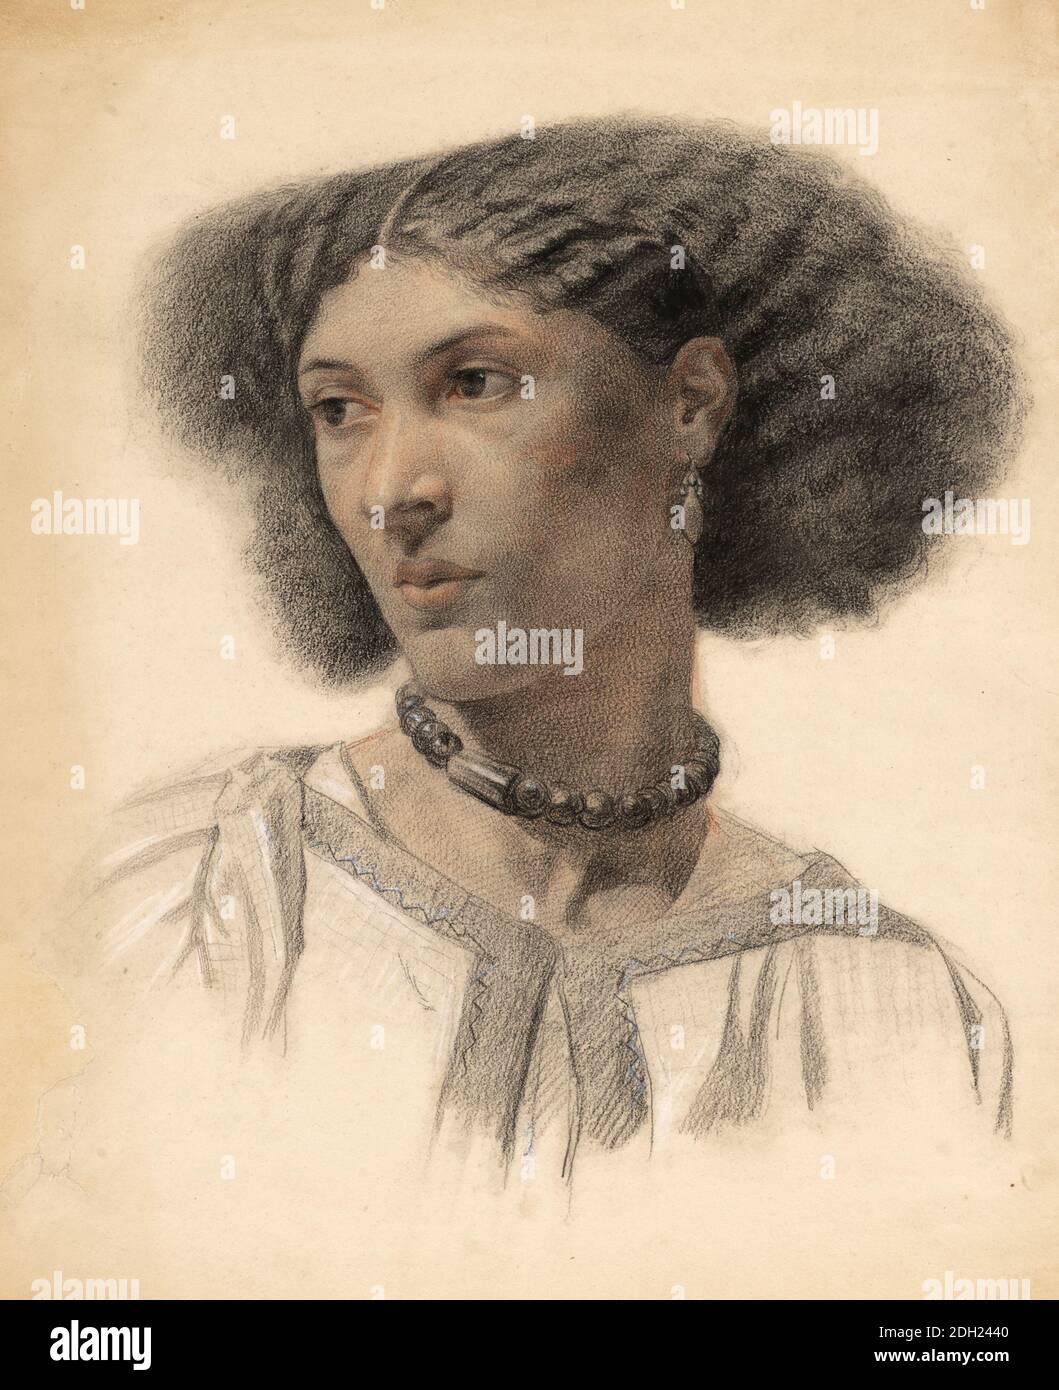 Fanny Eaton (1835 - 1924) modèle d'artiste jamaïcain connu comme modèle pour la Fraternité pré-Raphaelite et son cercle entre 1859 et 1867. Banque D'Images